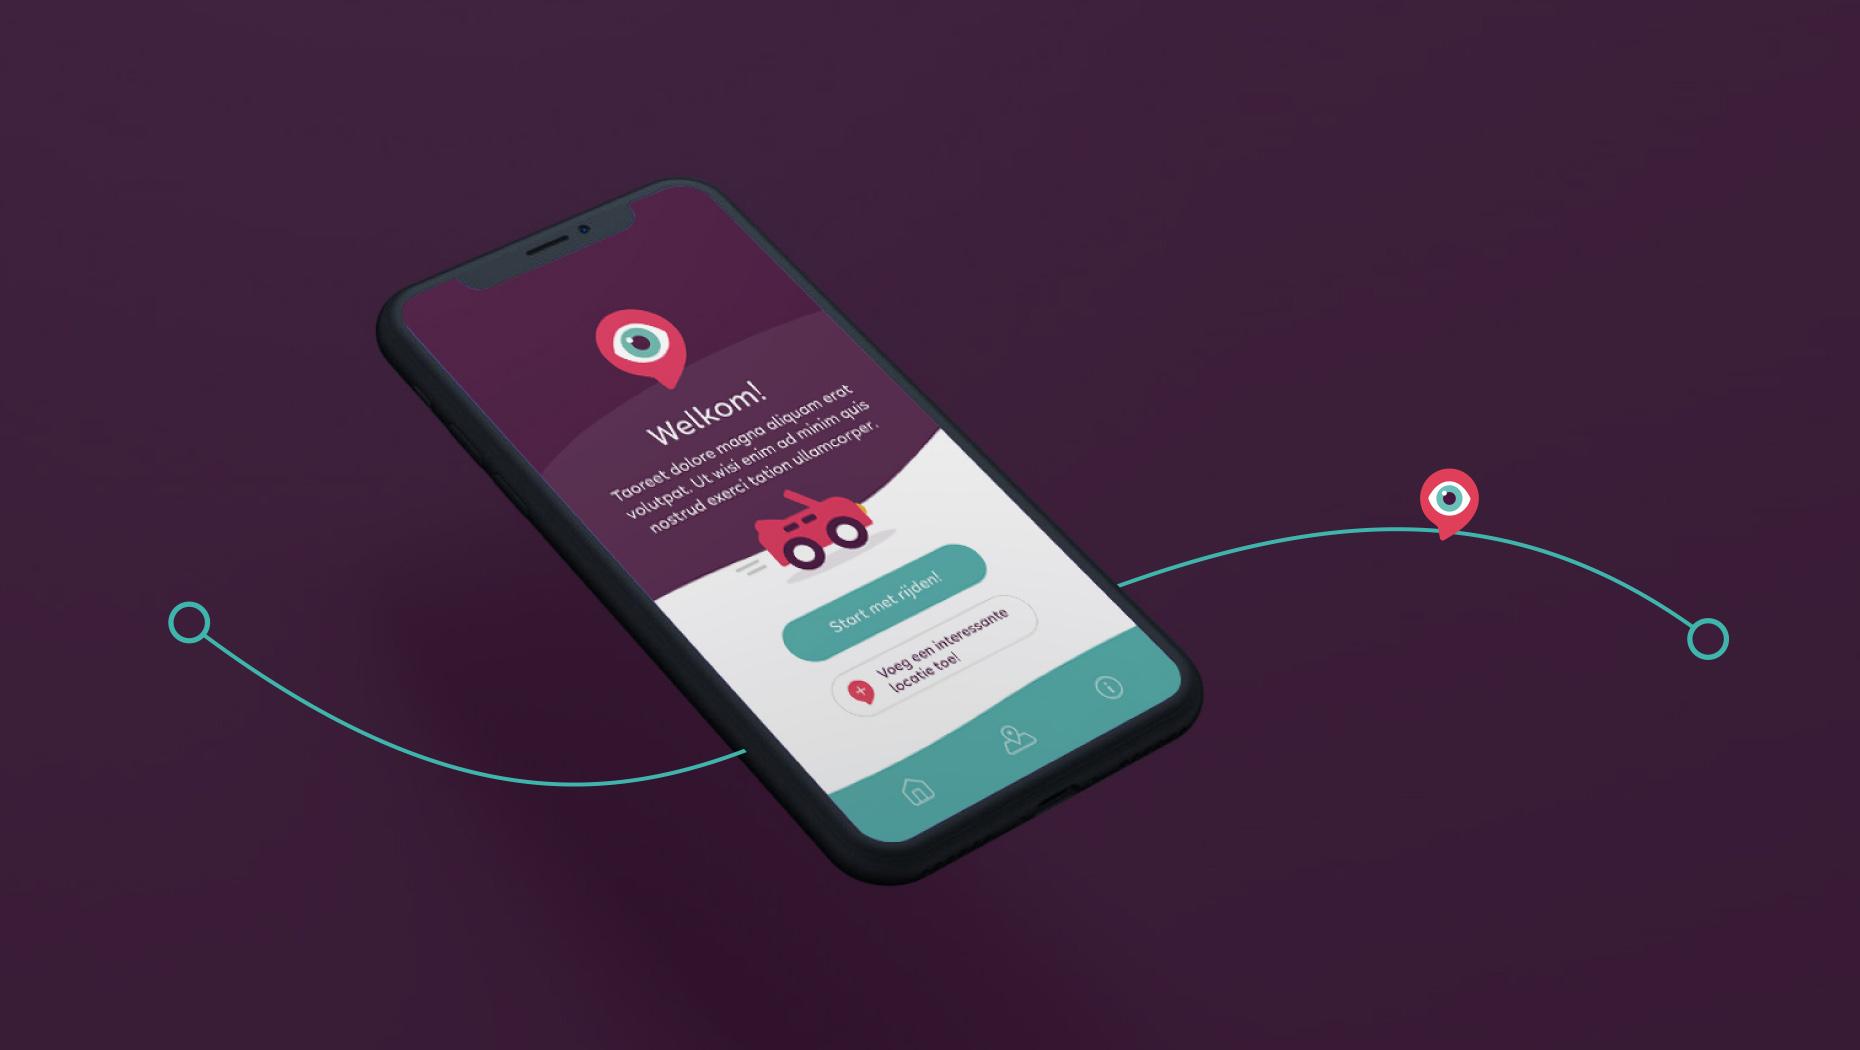 UnitR Reclamebureau Utrecht App Ontwerp MsNosy